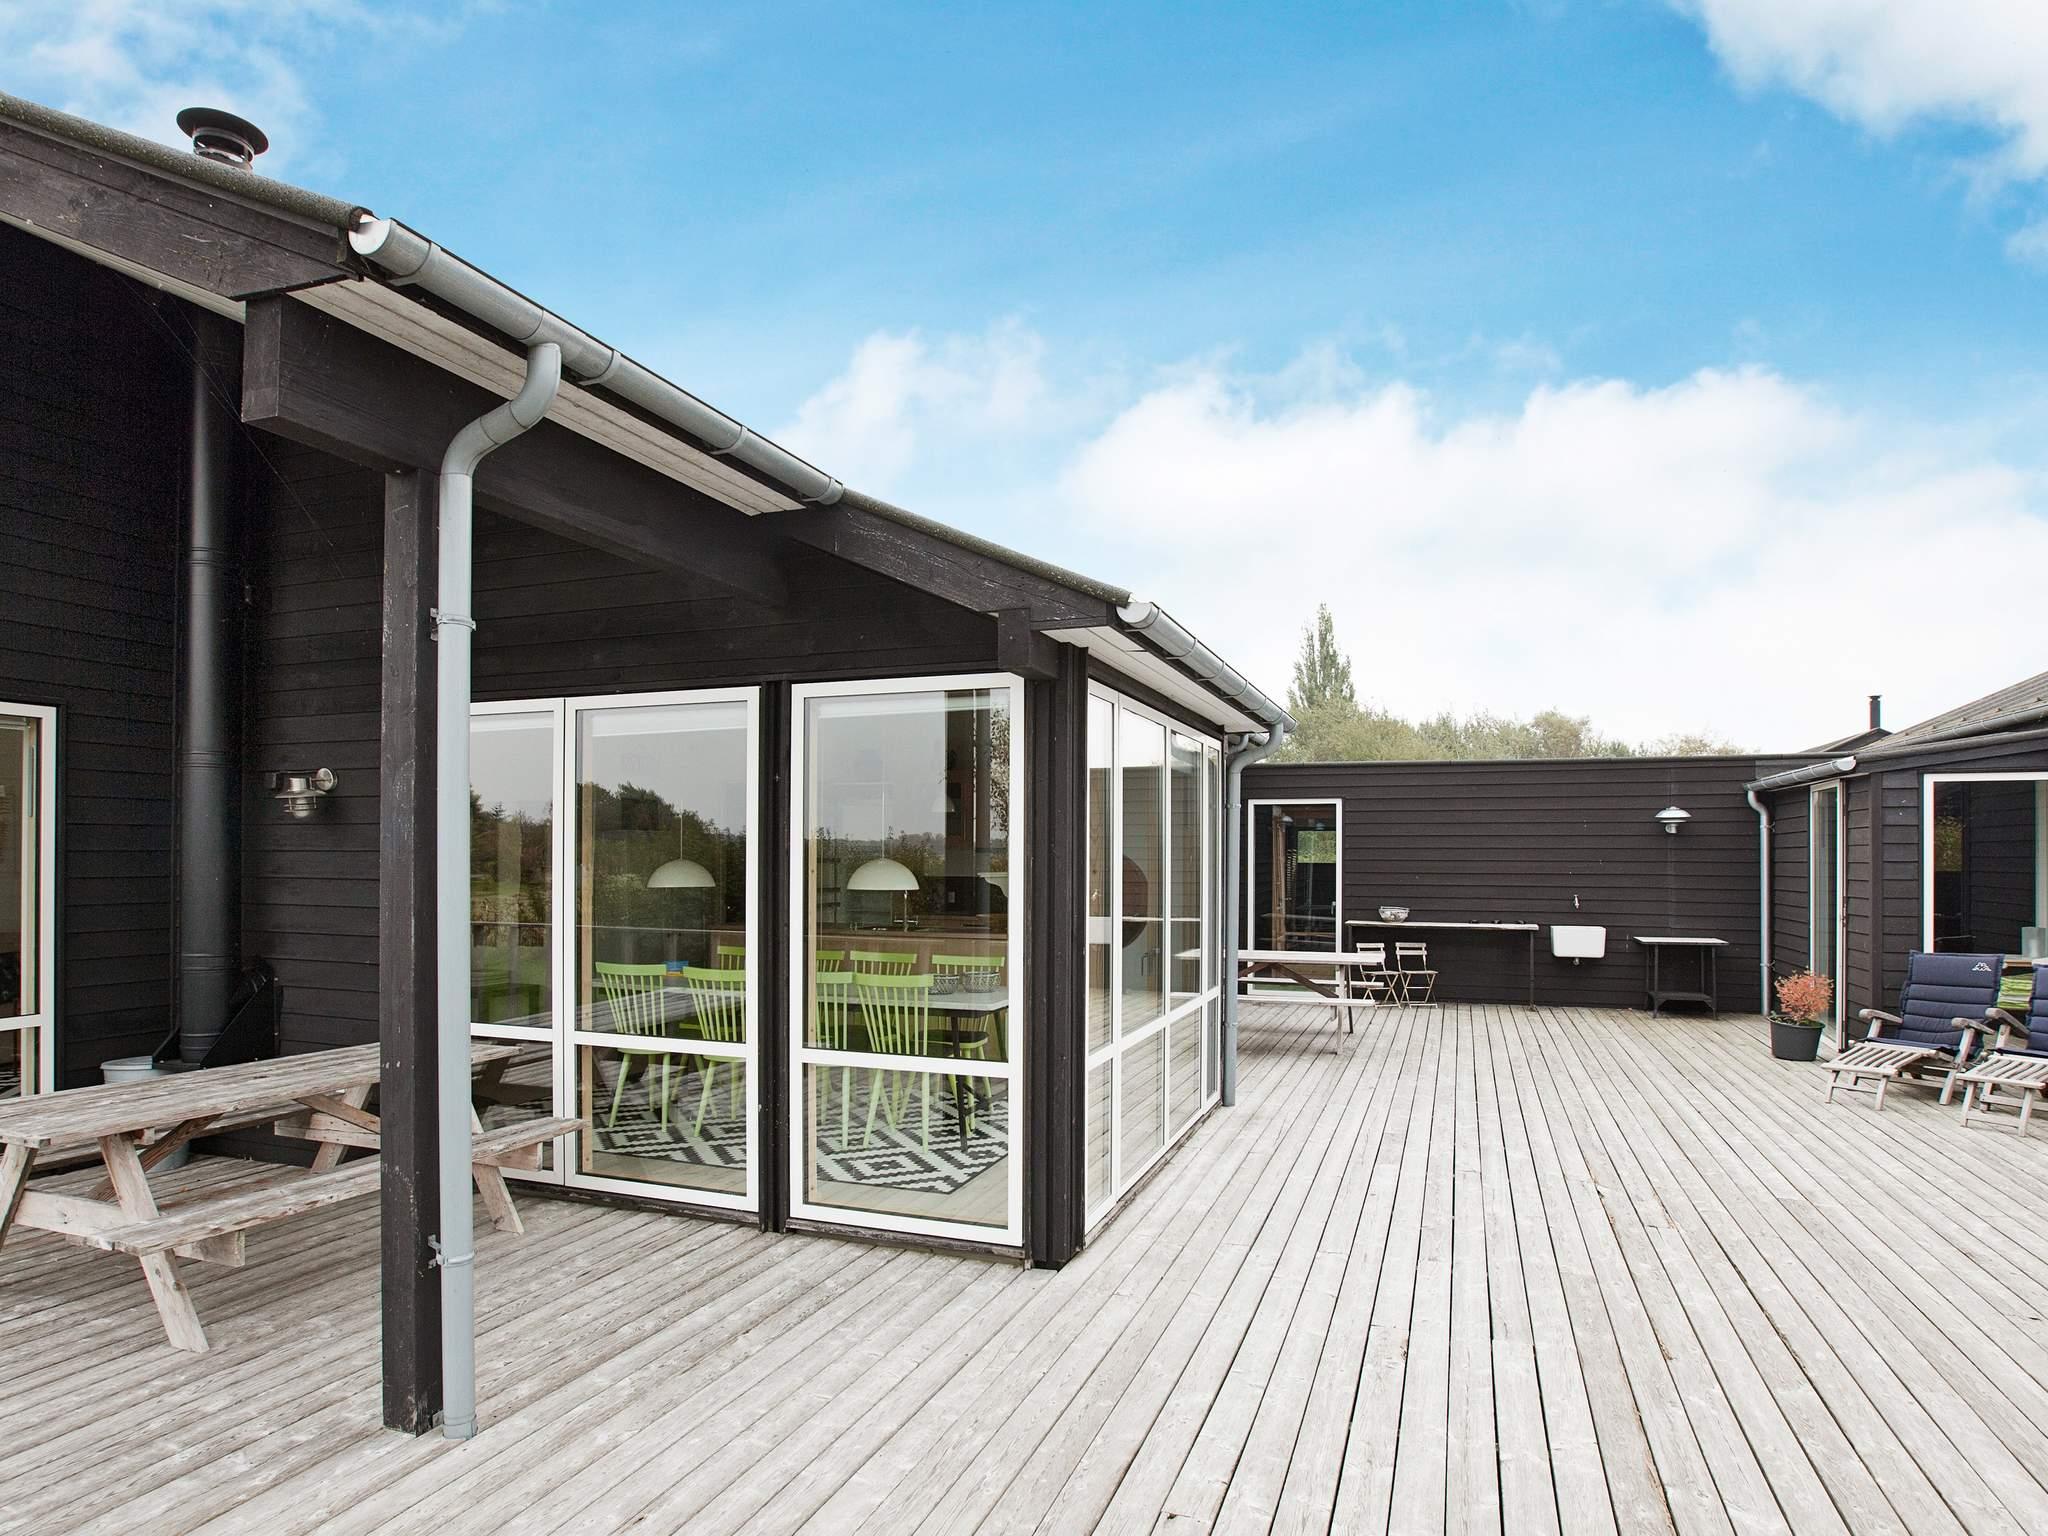 Ferienhaus Ulvshale (216908), Stege, , Møn, Dänemark, Bild 14